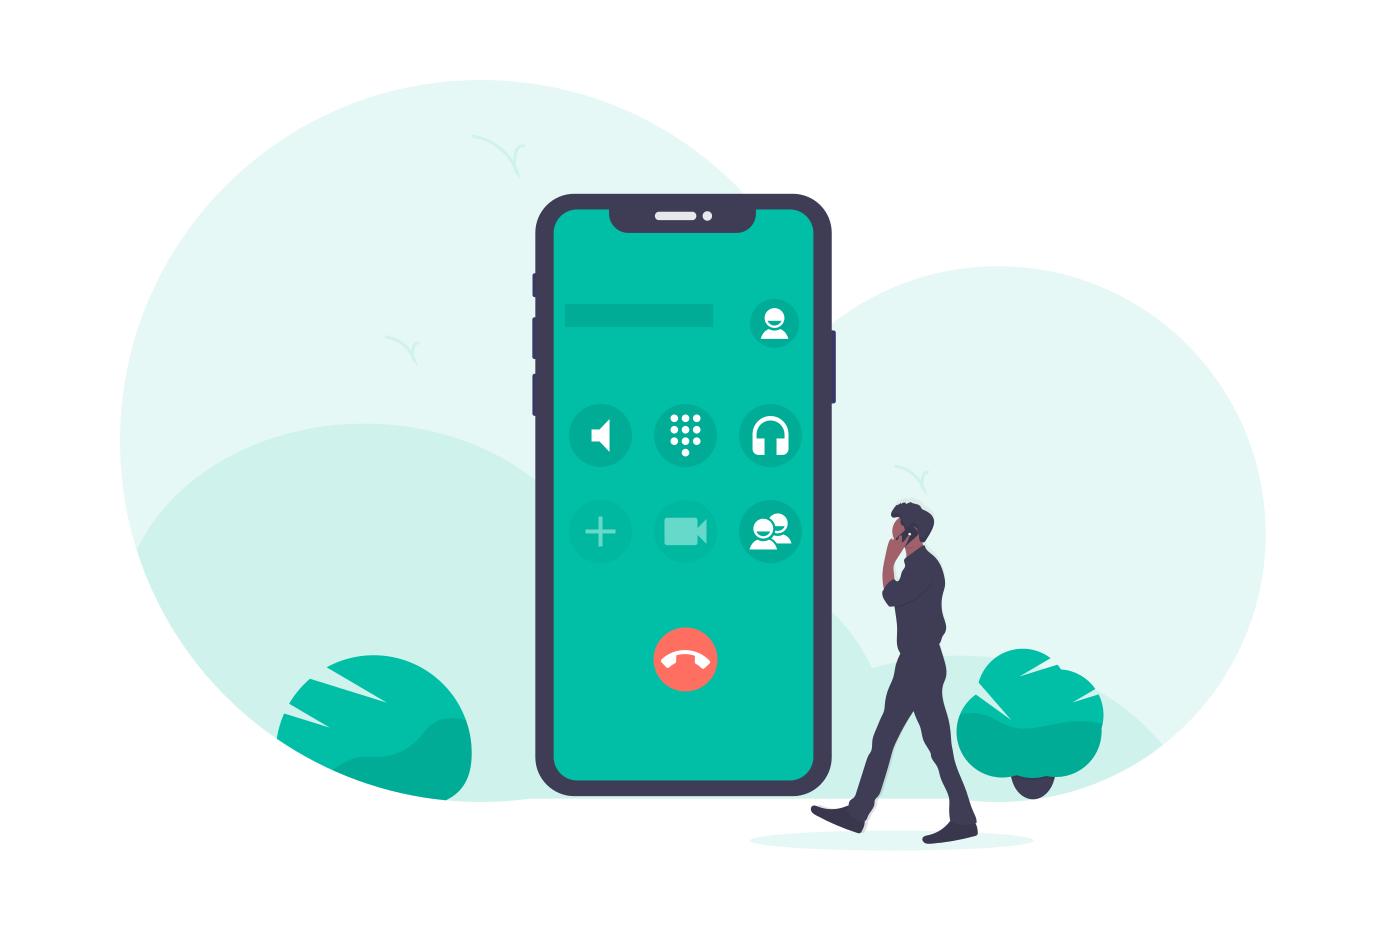 iPhoneでLINEの音声通話を録音する方法!標準機能の画面収録から録画!